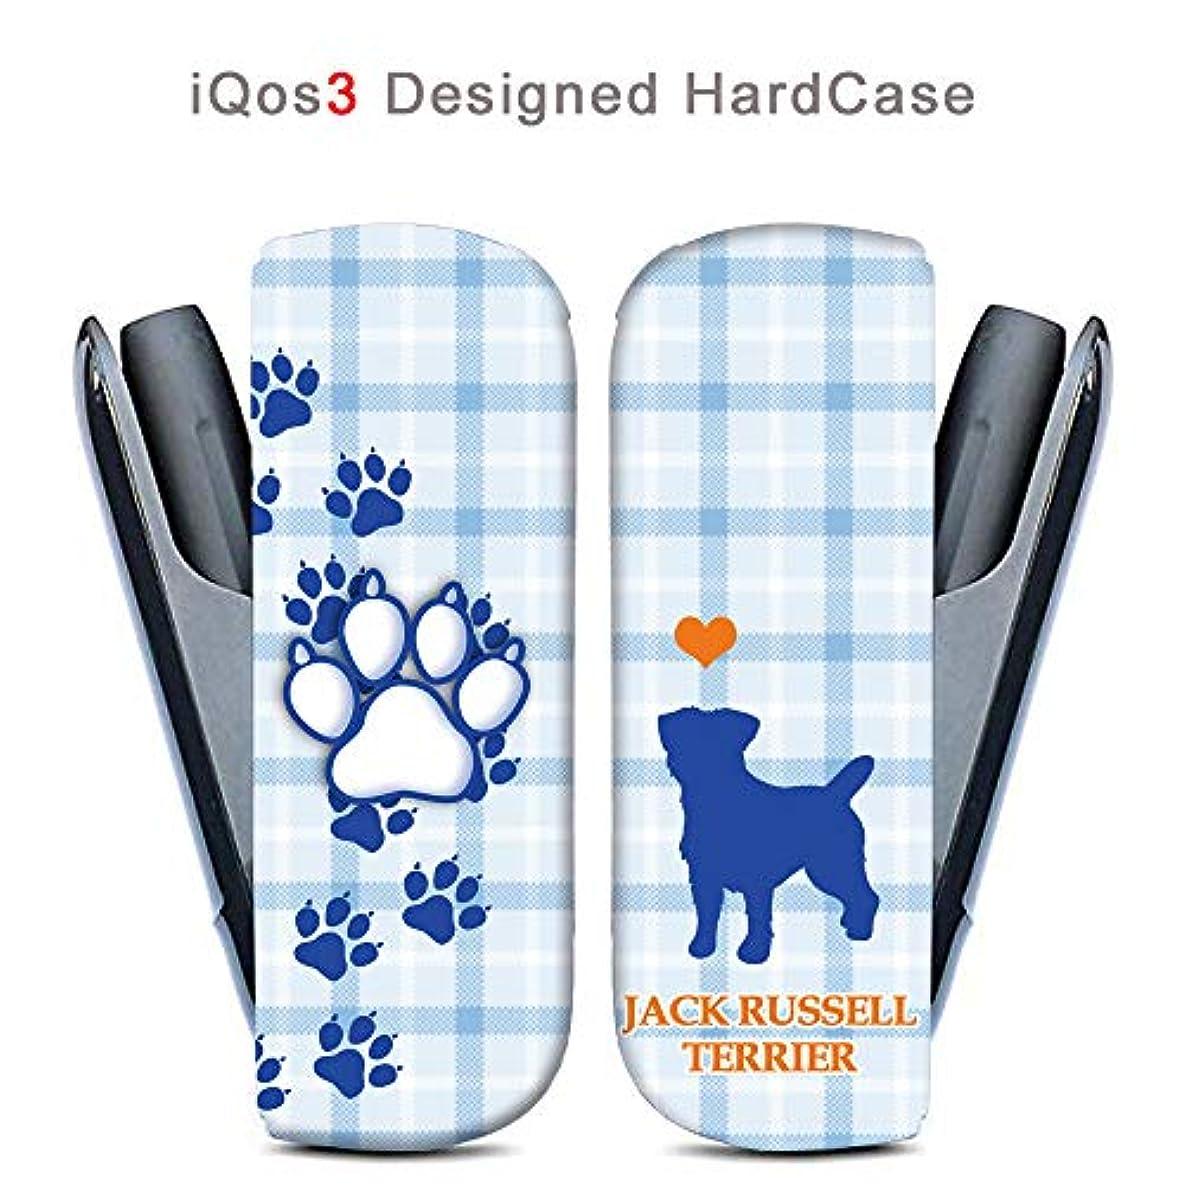 完全国内受注生産 iQOS3用 アイコス3用 熱転写全面印刷 DOG ジャックラッセルテリア 加熱式タバコ 電子タバコ 禁煙サポート アクセサリー プラスティックケース ハードケース 日本製